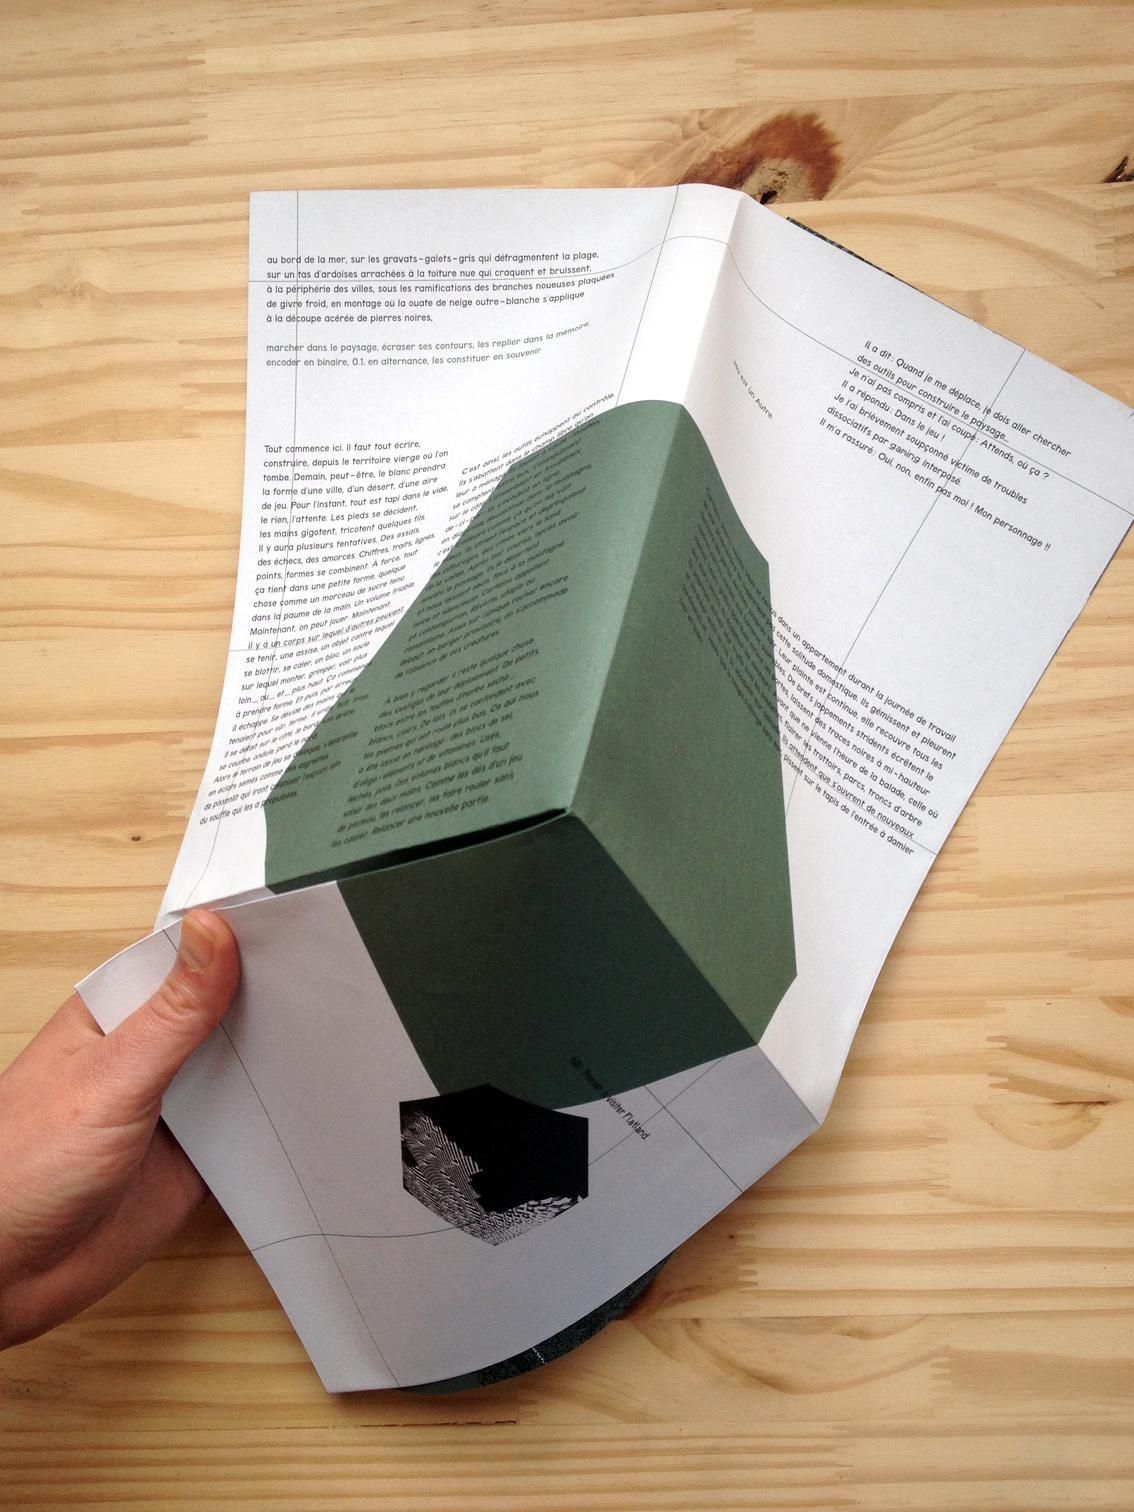 elsa escaffre, écriture, édition, littérature, graphisme, saison graphique, valentin daniel, numérique, paysage